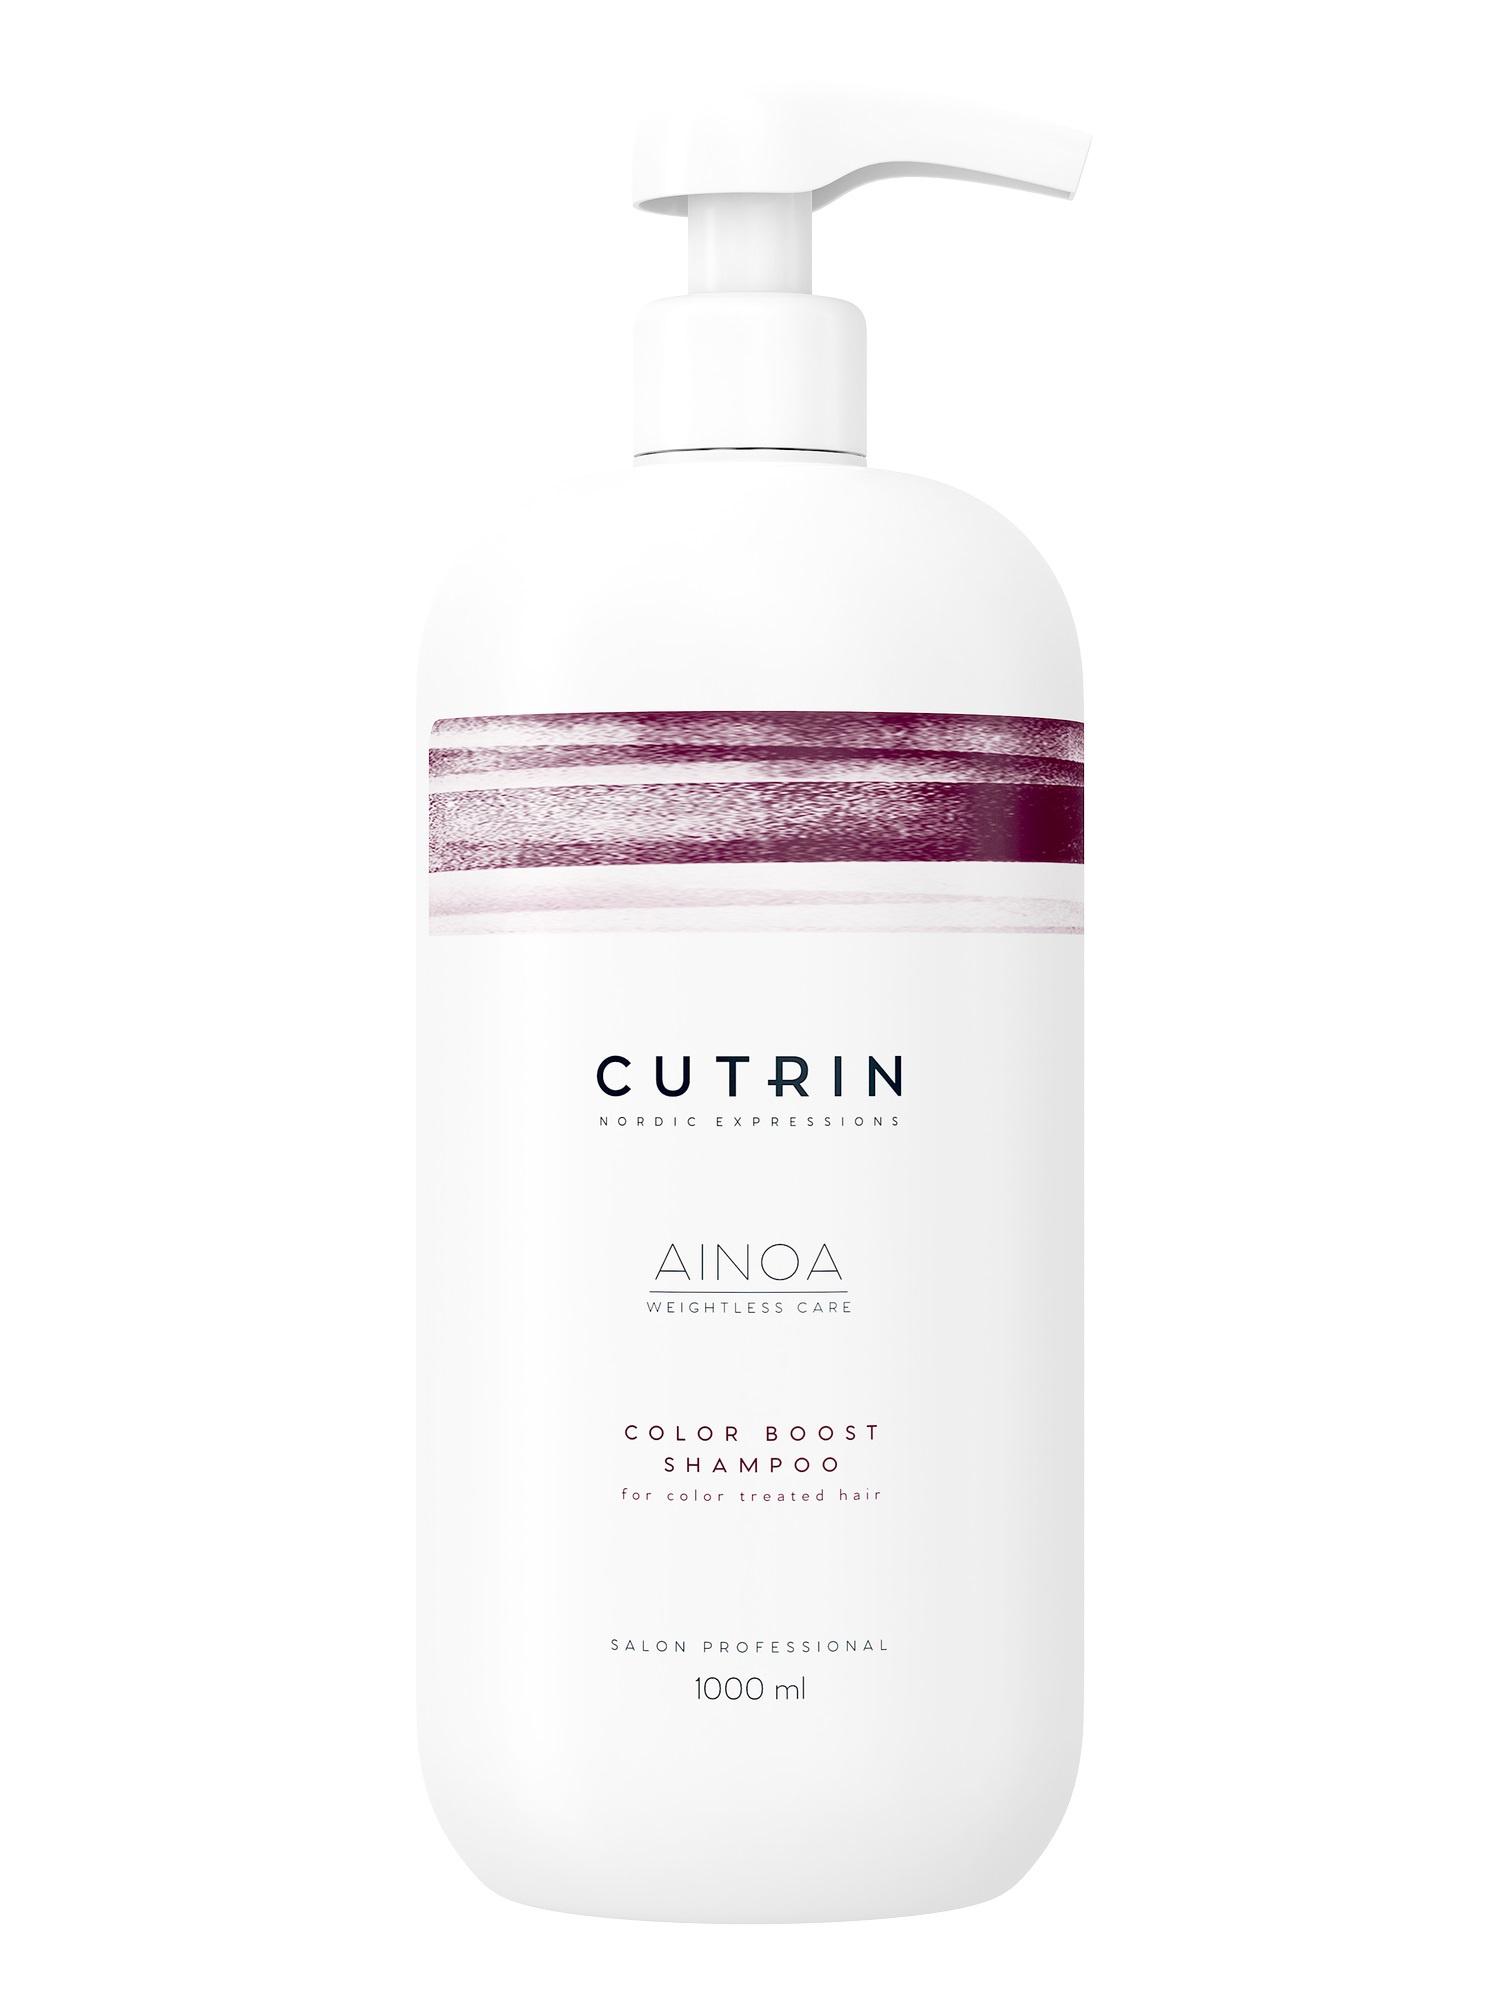 Шампунь для волос CUTRIN AINOA для сохранения цвета color boost 1000 мл